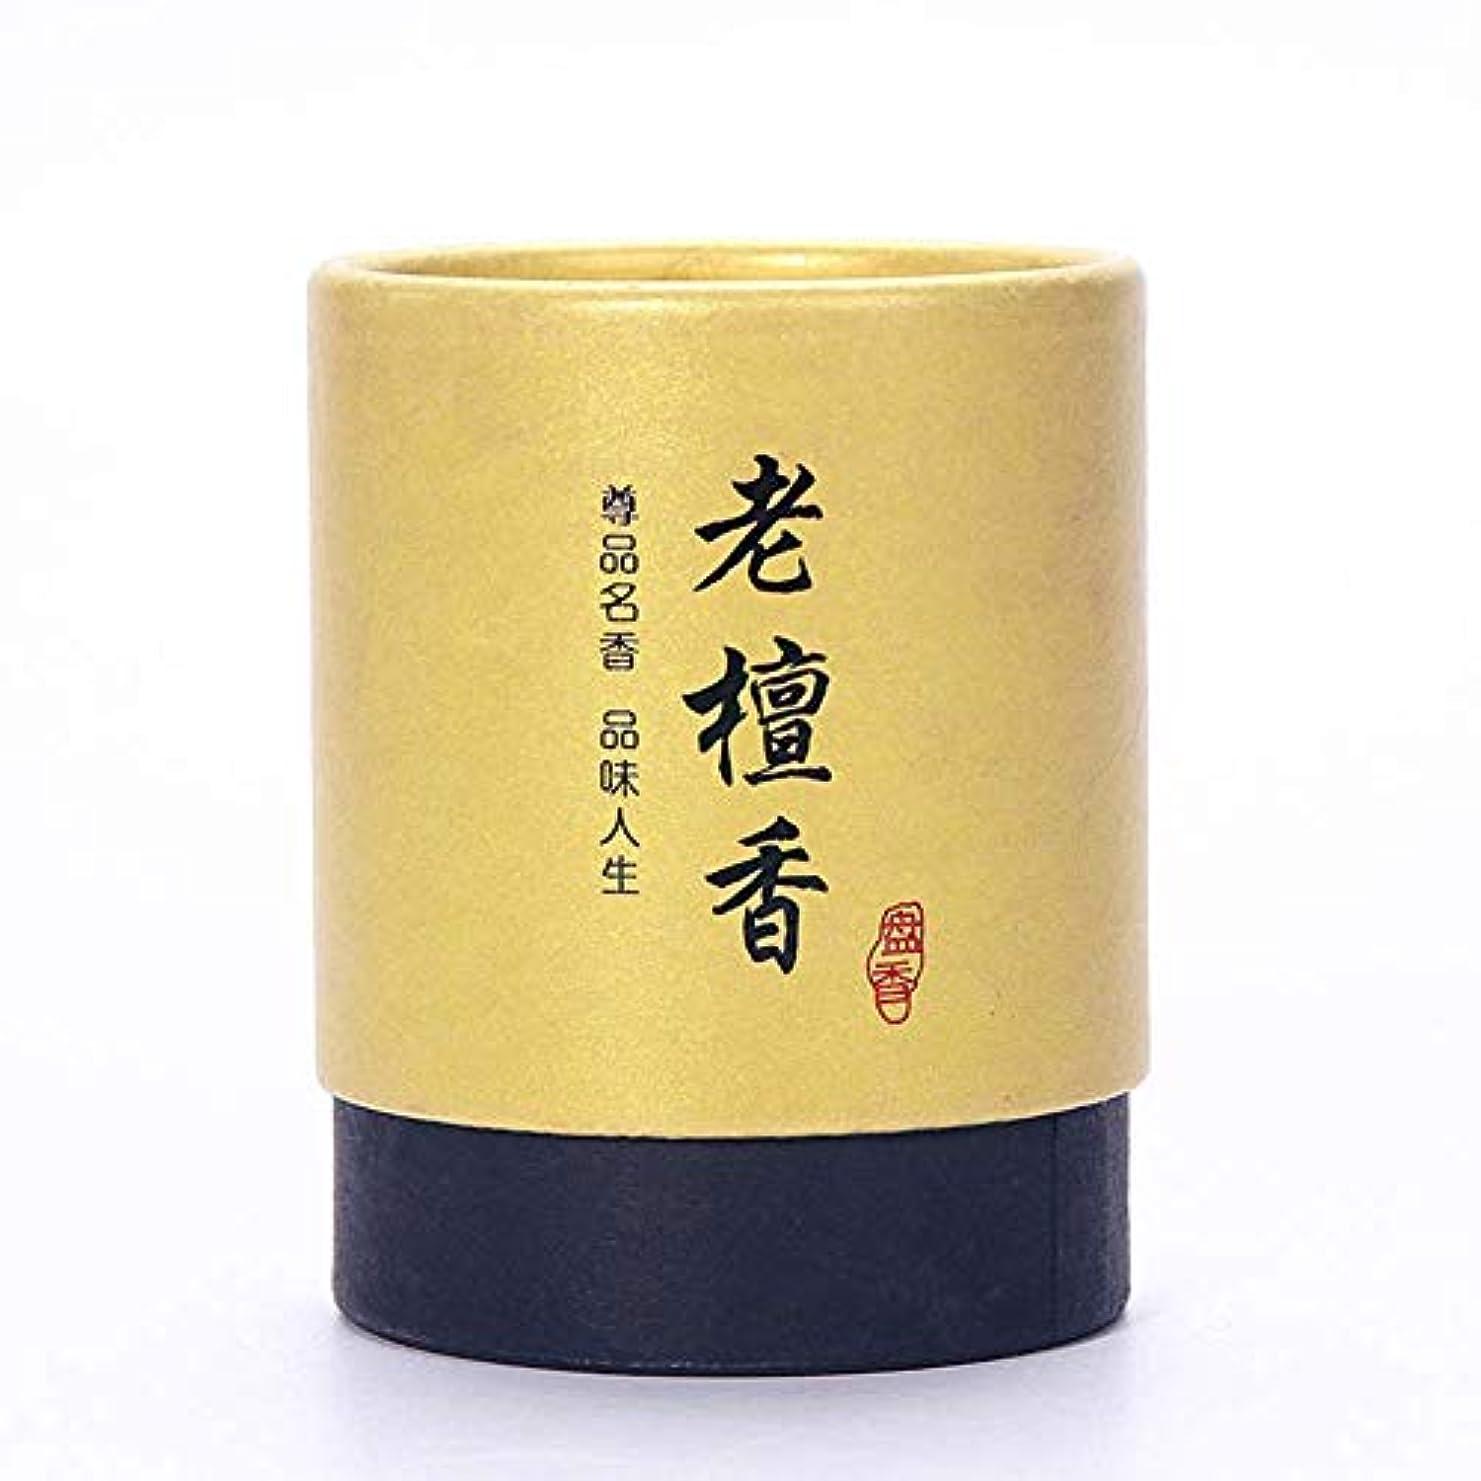 銃学習出席するHwaGui お香 ビャクダン 2時間 盤香 渦巻き線香 優しい香り 48巻入 (老い檀香)